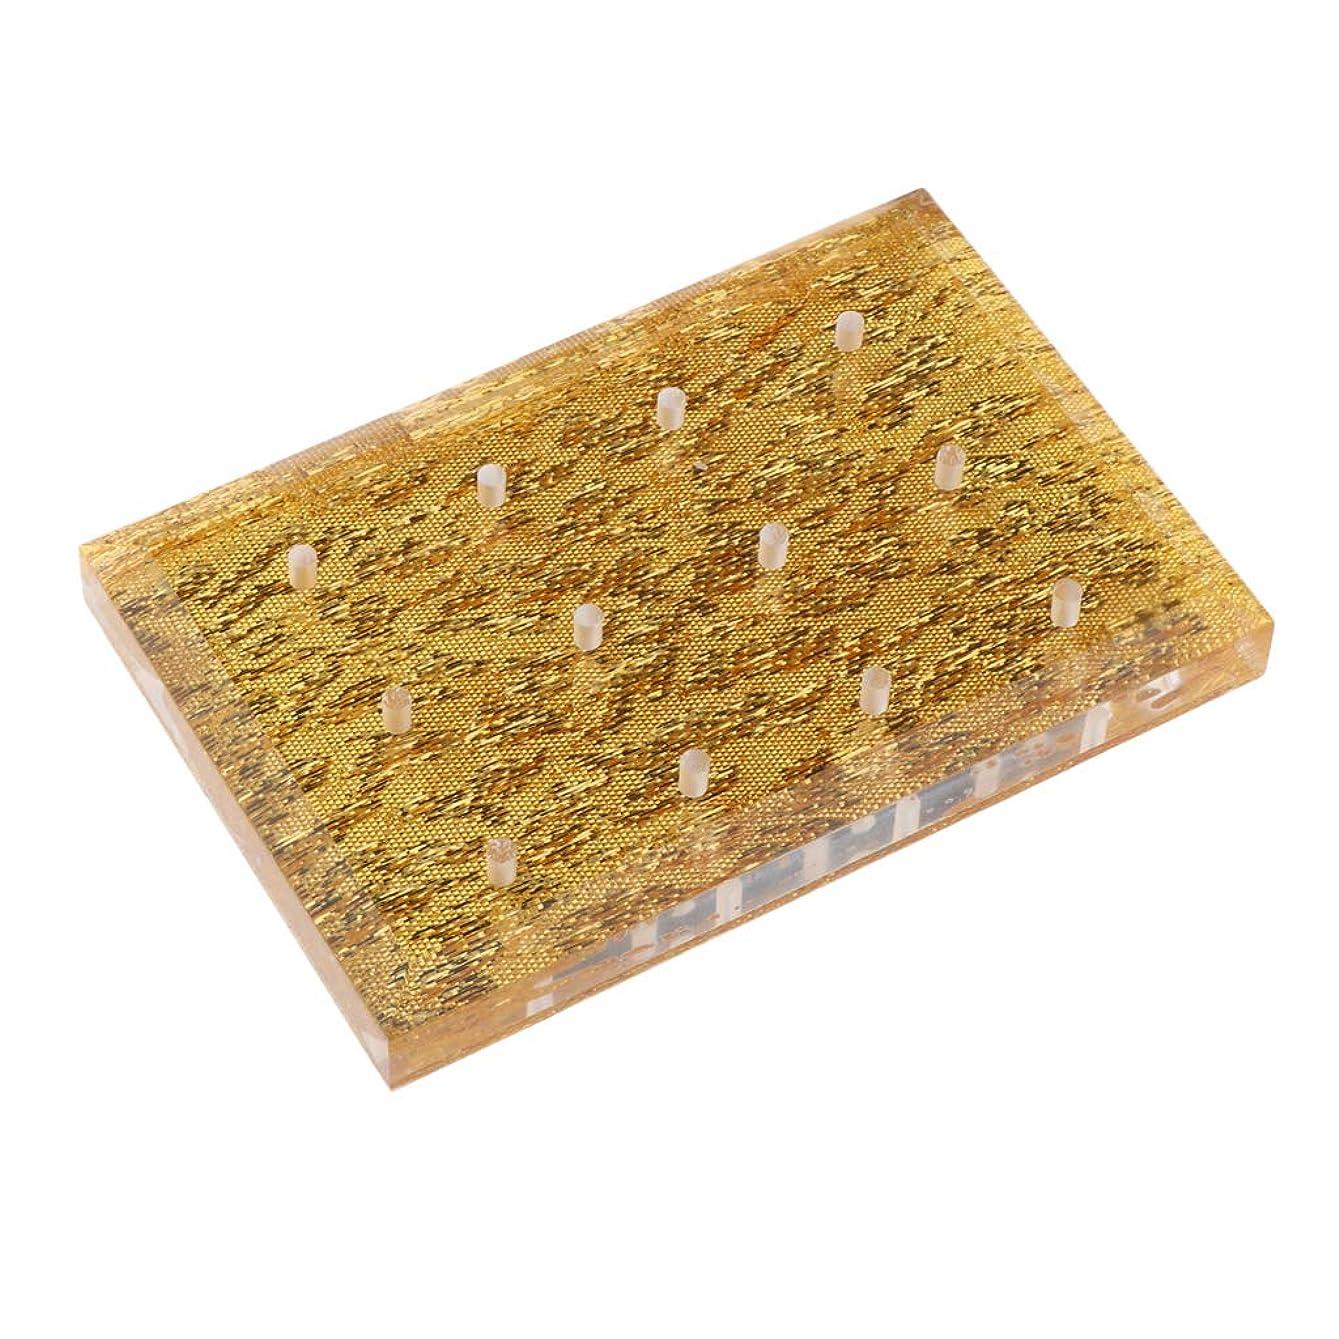 無人閉じる模索P Prettyia ネイルドリルビットホルダー 収納オーガナイザー スタンド ネイルサロン 2色選べ - ゴールド